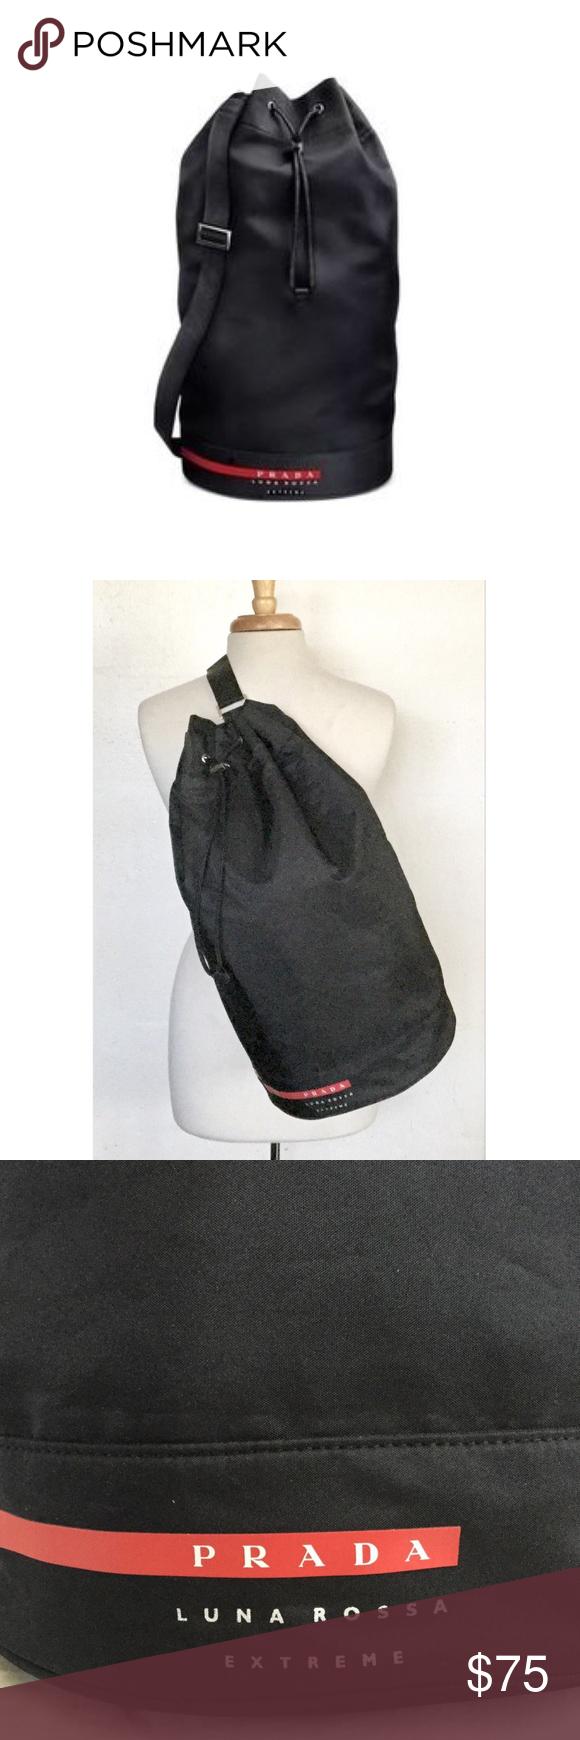 8648003691d9 Prada Luna Rossa Extreme Duffle Bag New in original zip lock bag. Measures  21